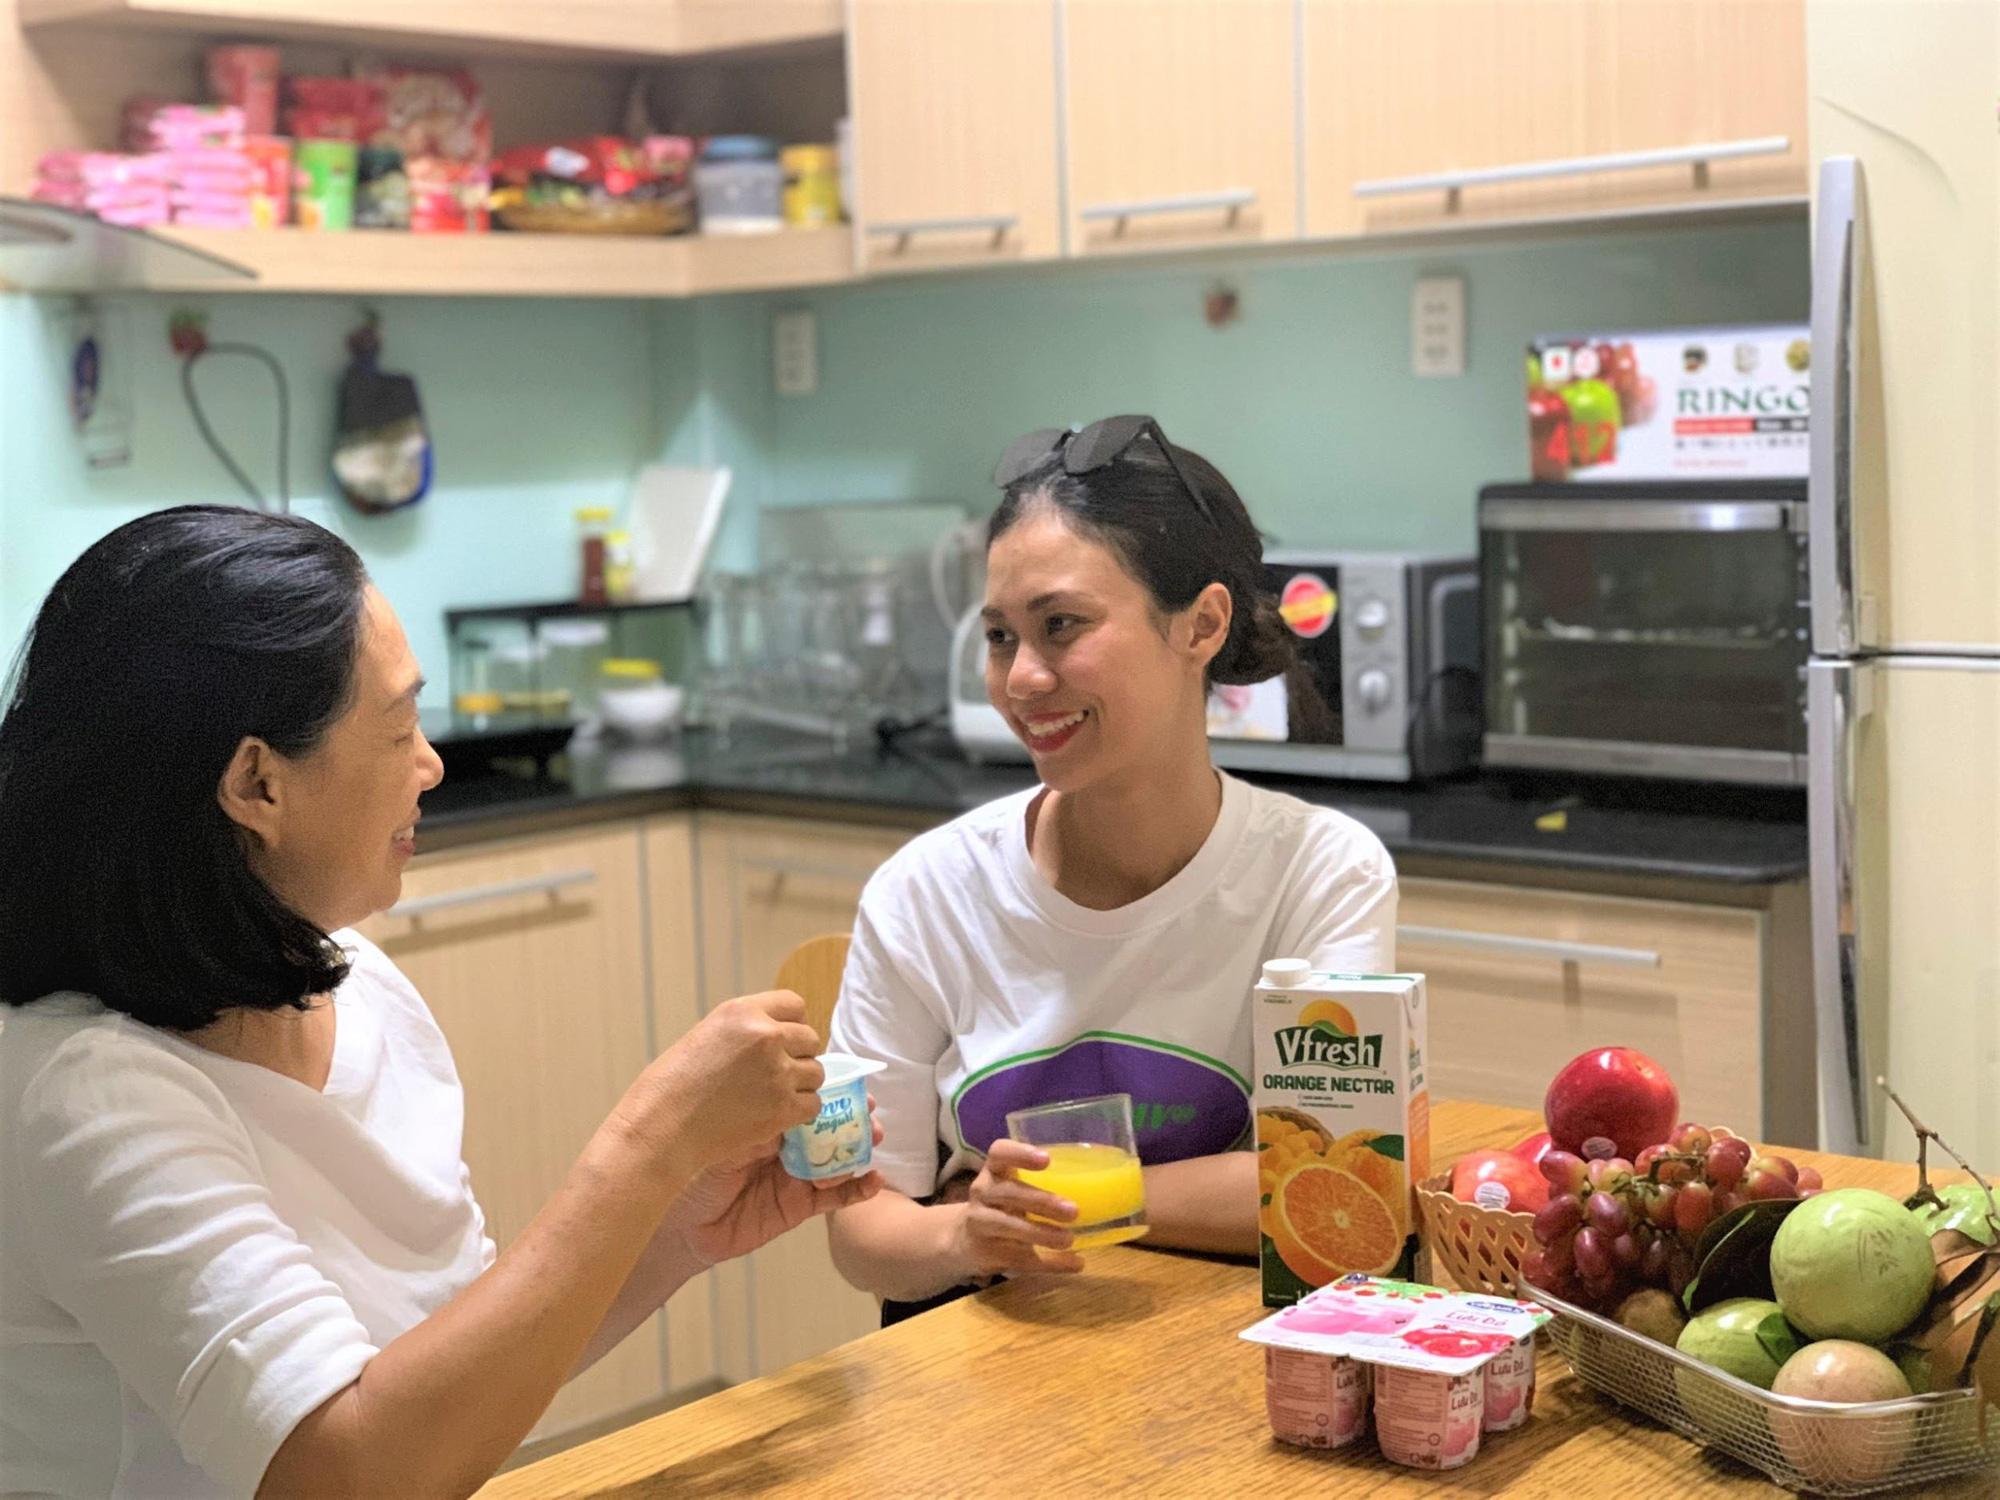 """Đi tìm những """"trợ thủ đắc lực"""" có mặt trong hầu hết tủ lạnh của mọi nhà vào mùa ai cũng cần tăng đề kháng - Ảnh 3."""